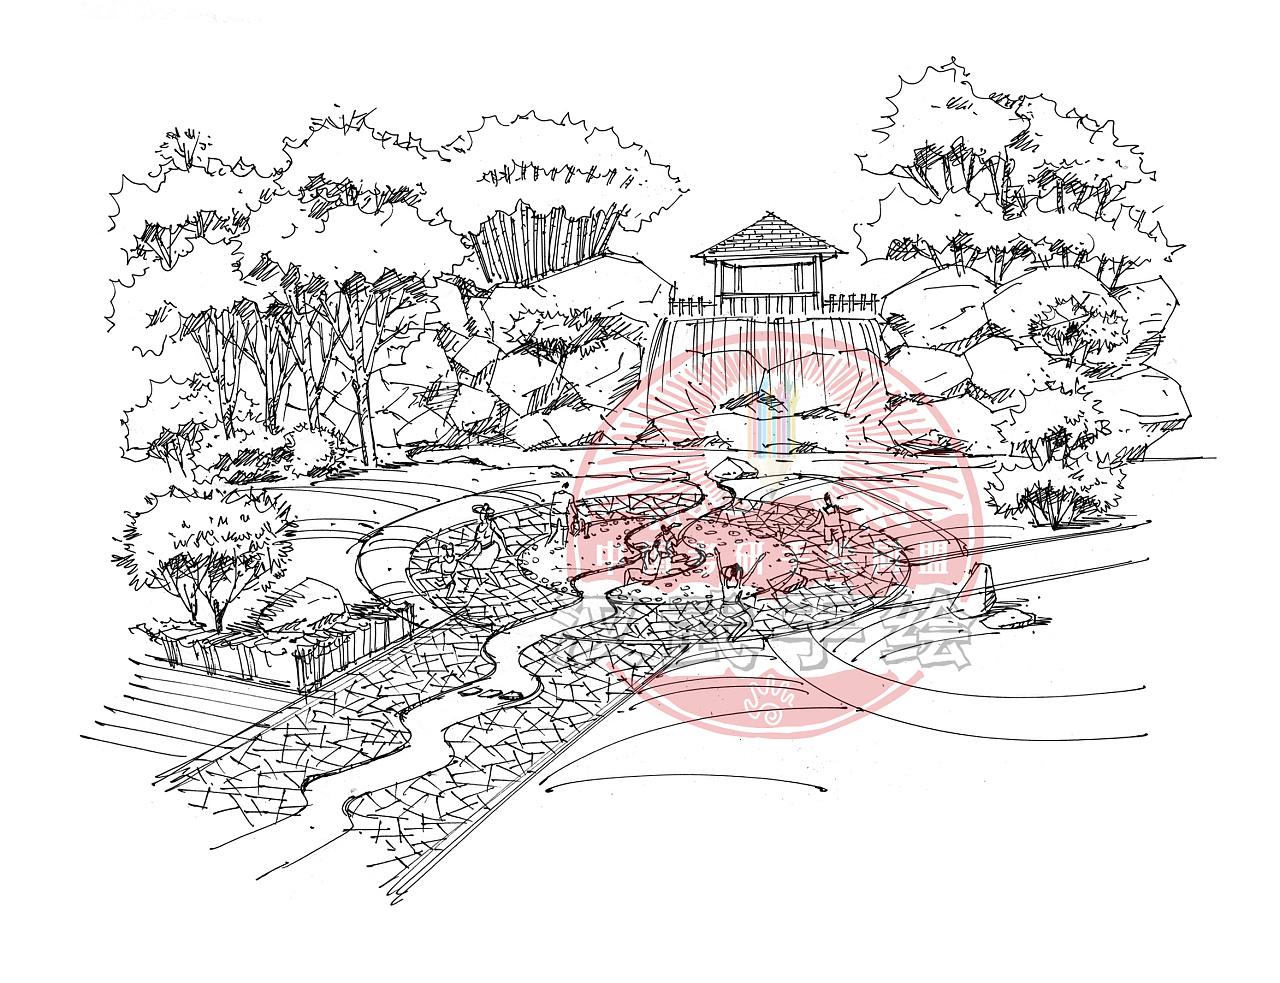 汉武作品——沿江公园|空间|景观设计|汉武手绘